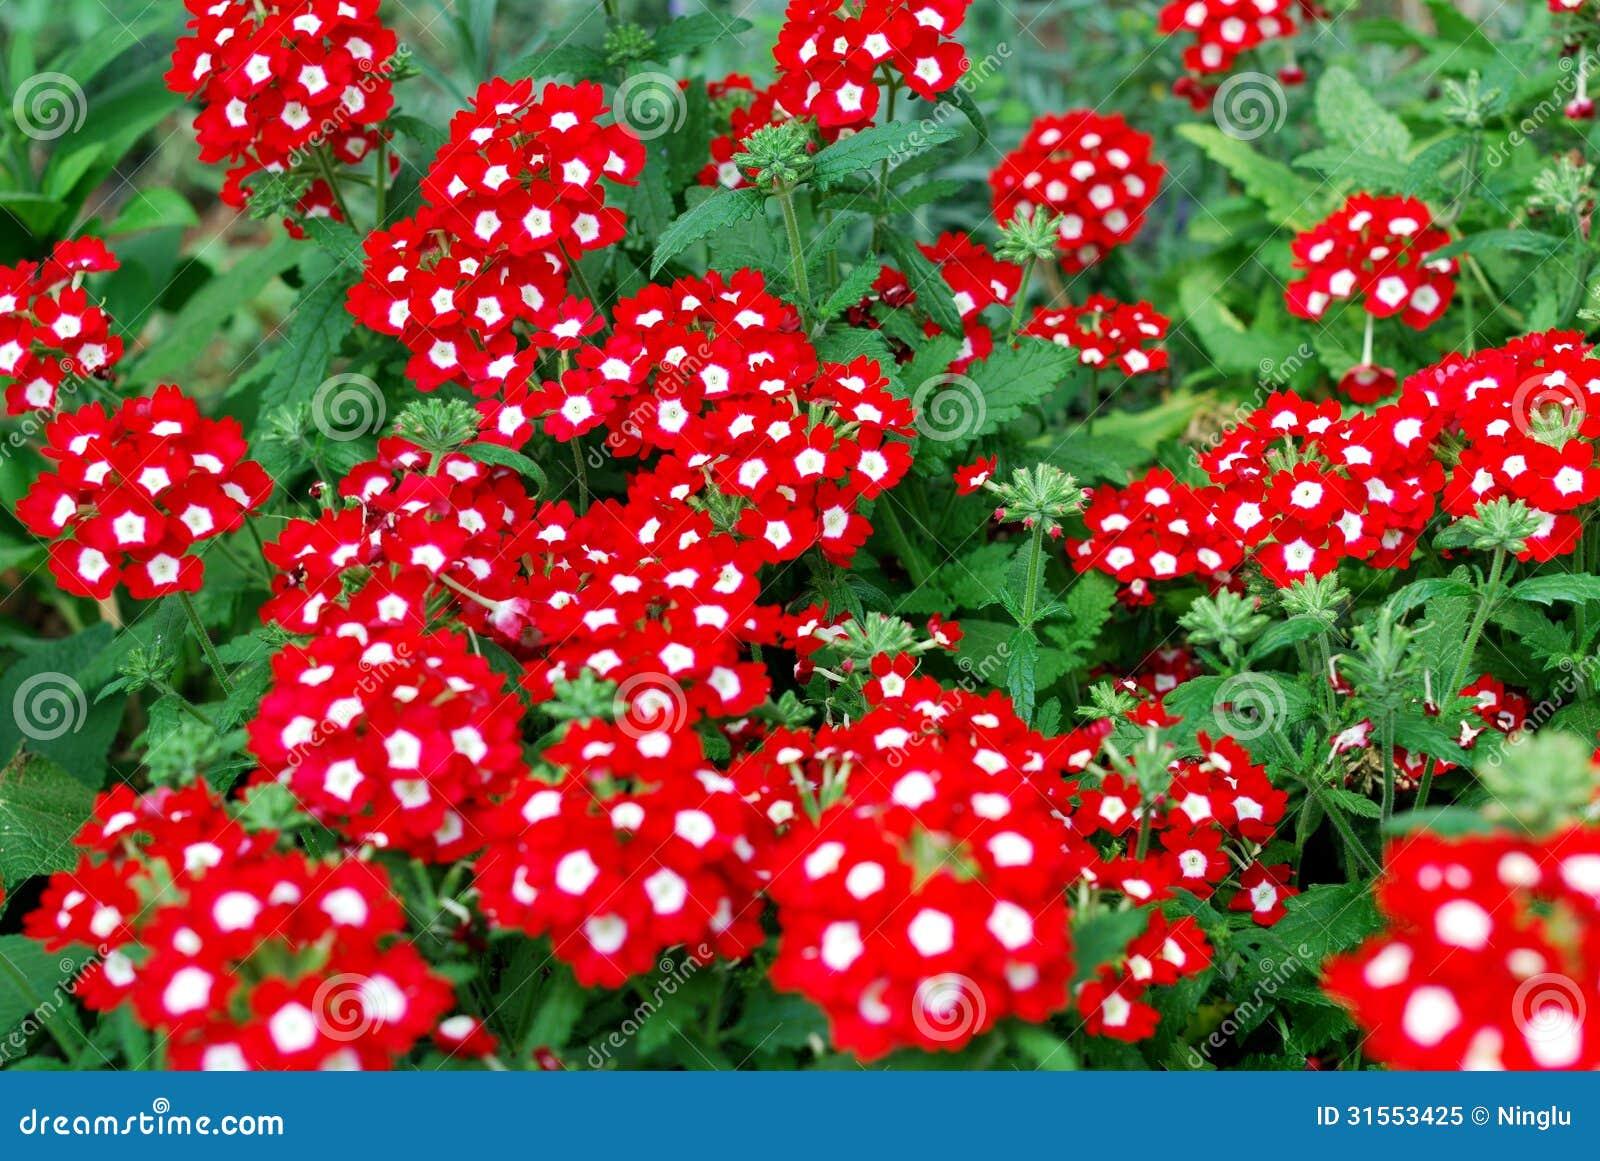 Belles Fleurs Rouges De Verveine Dans Un Jardin Image stock - Image ...